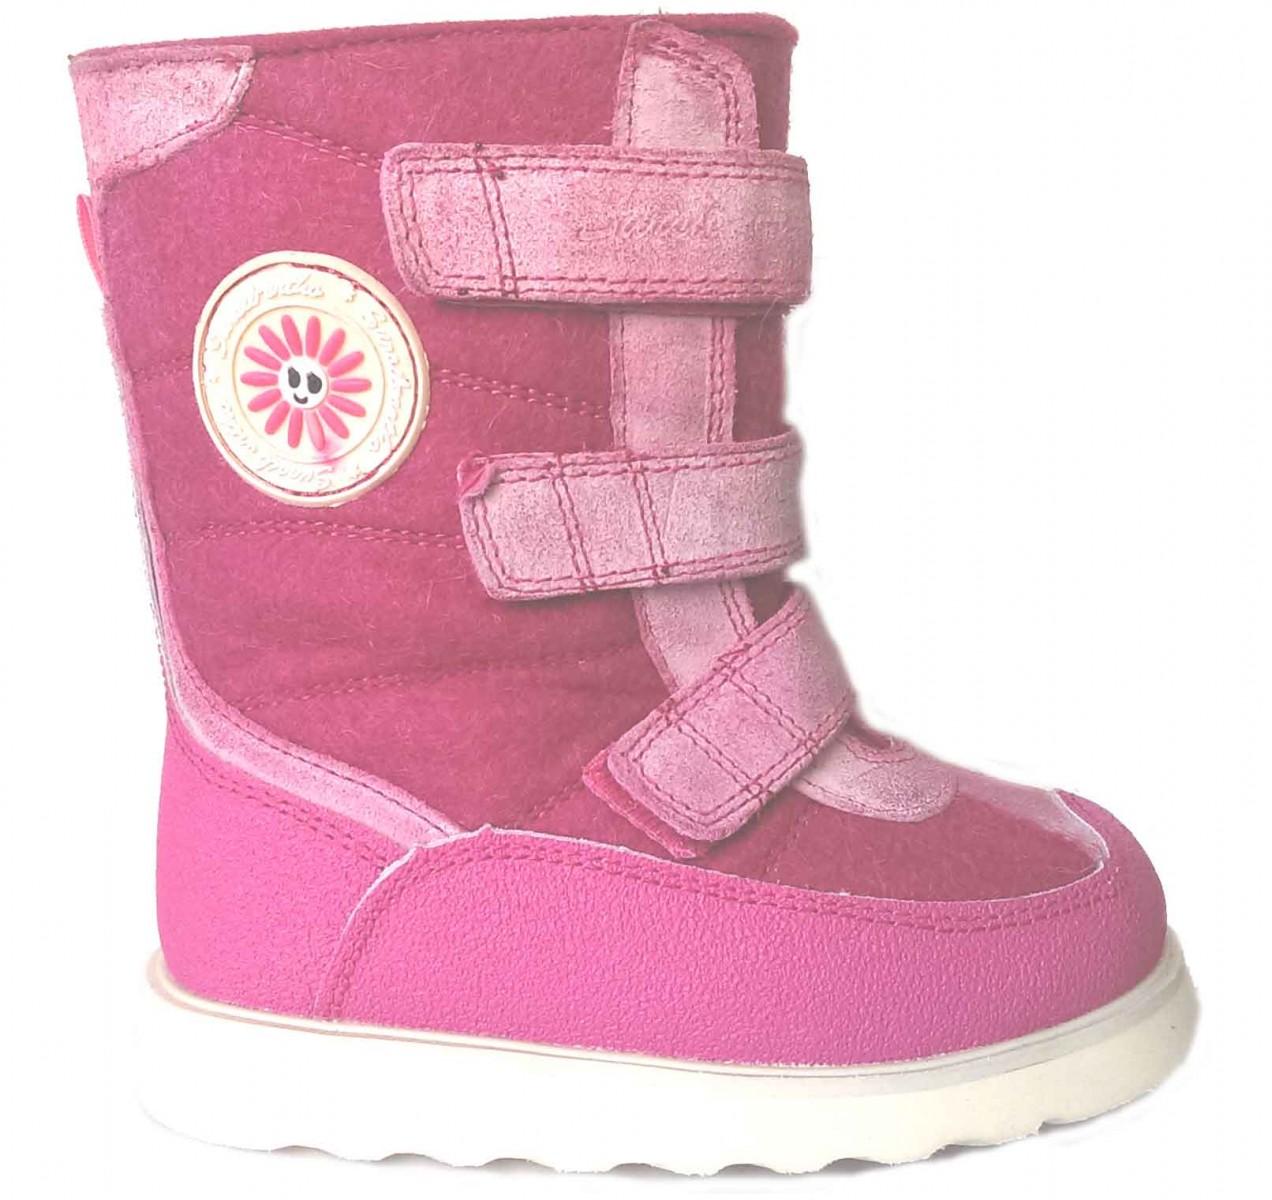 Валенки А 43-054 детские ортопедические (зима). стойка. ОртоМаг детская ортопедическая обувь - для детей, женская